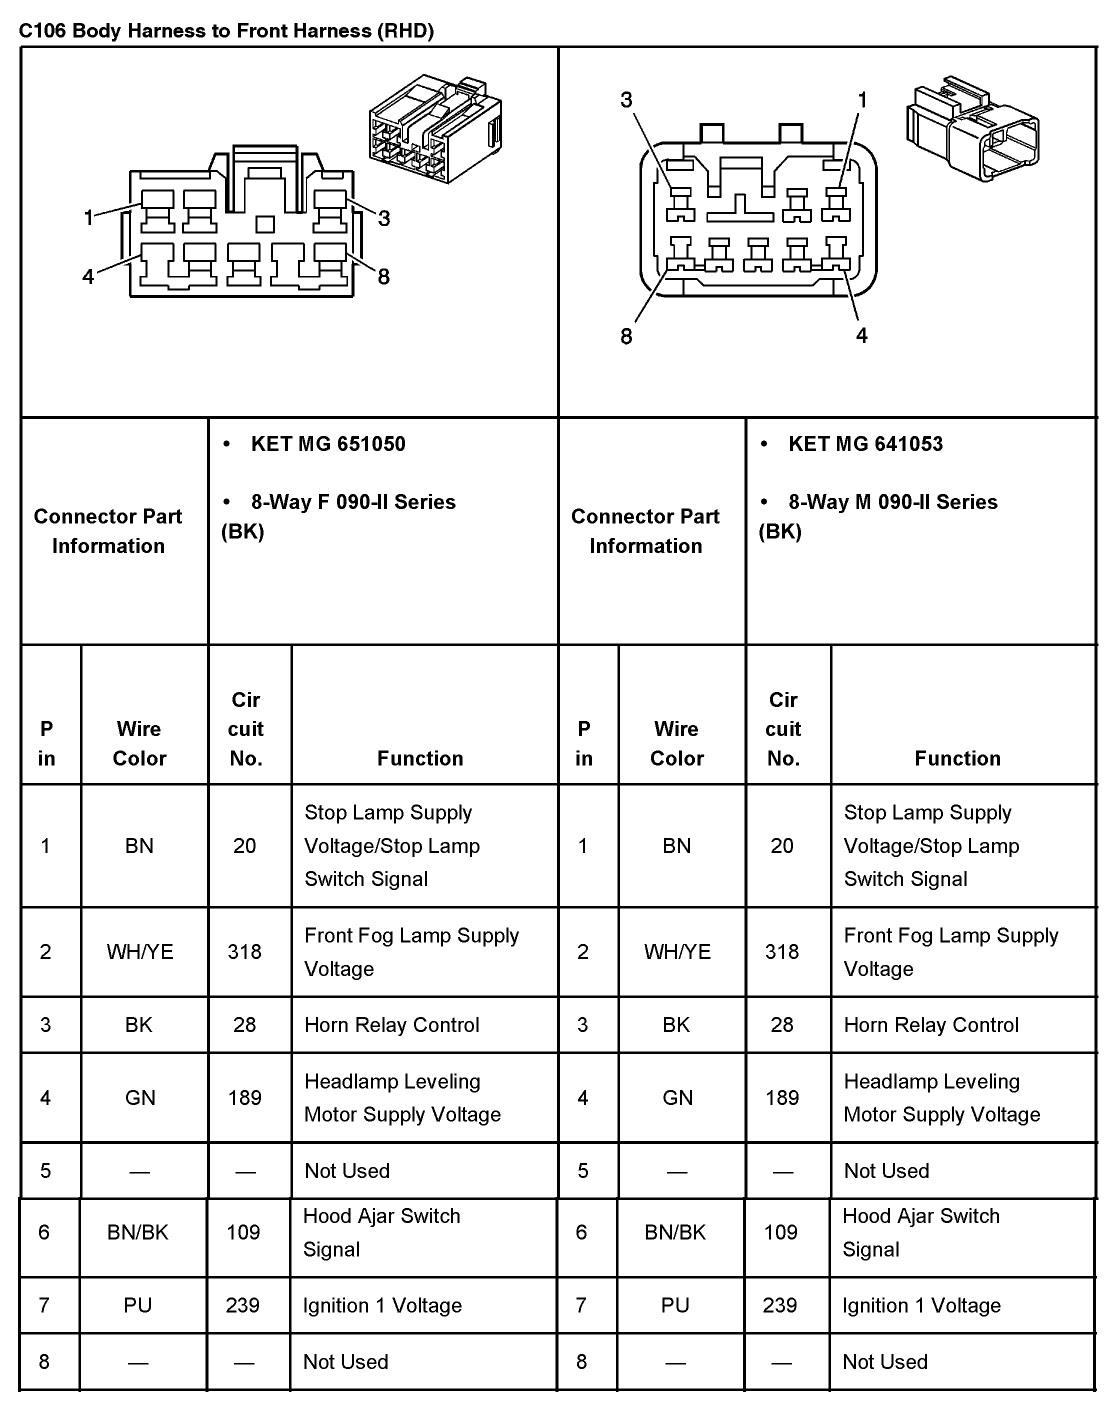 2004 chevy aveo repair manual